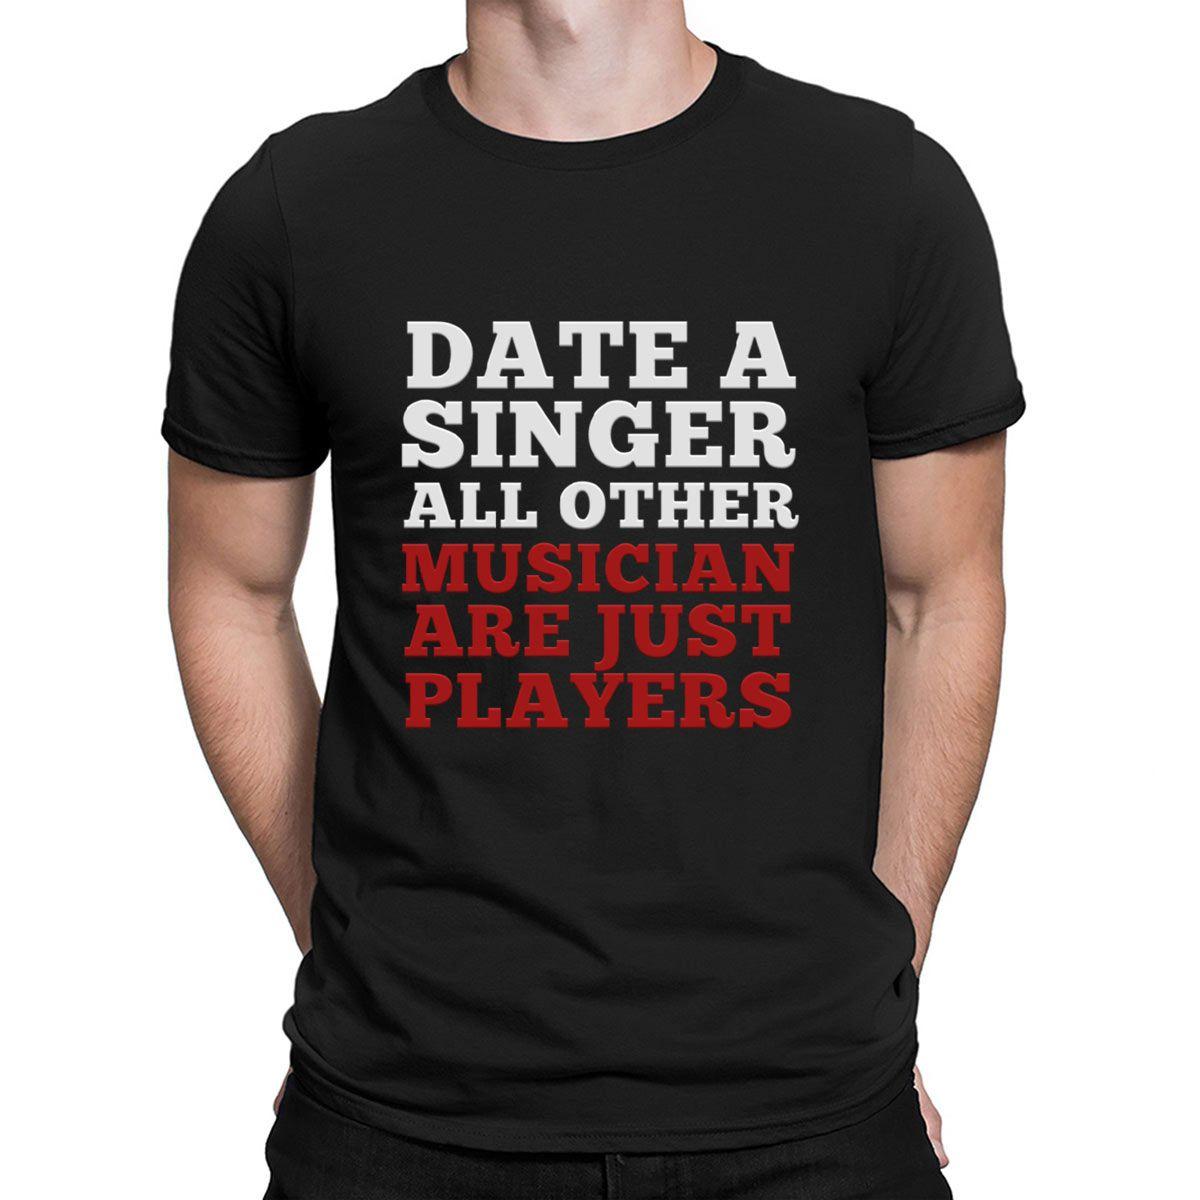 Chemises drôles Slogan drôle Sarcastique chanteur Chemises T-shirt célèbre Fashion Designer Plus Size Cotton